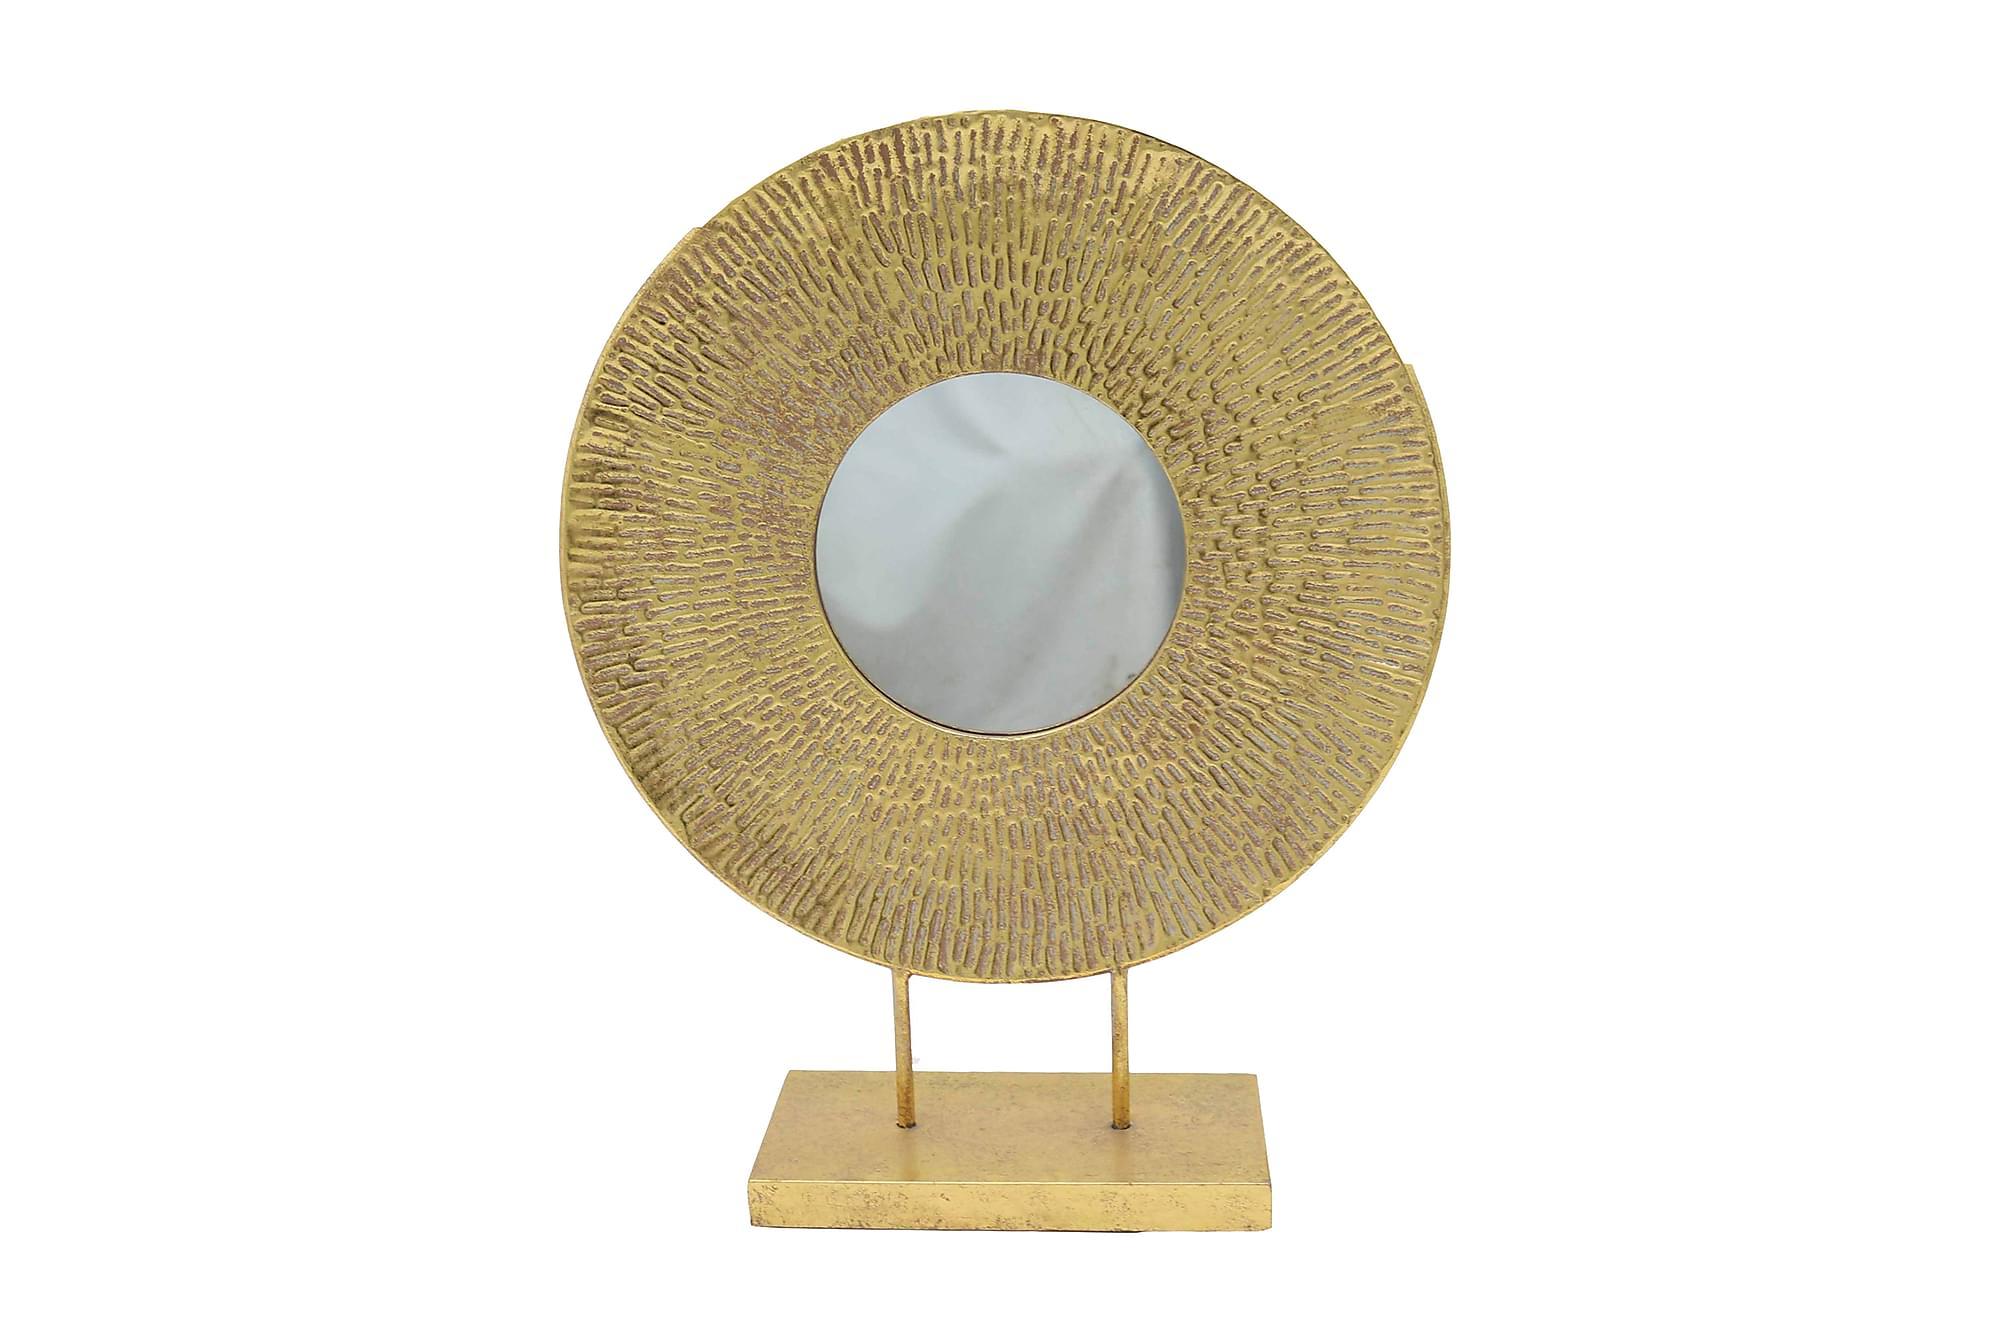 Spegel metallram på fot guld Ø50 cm guld